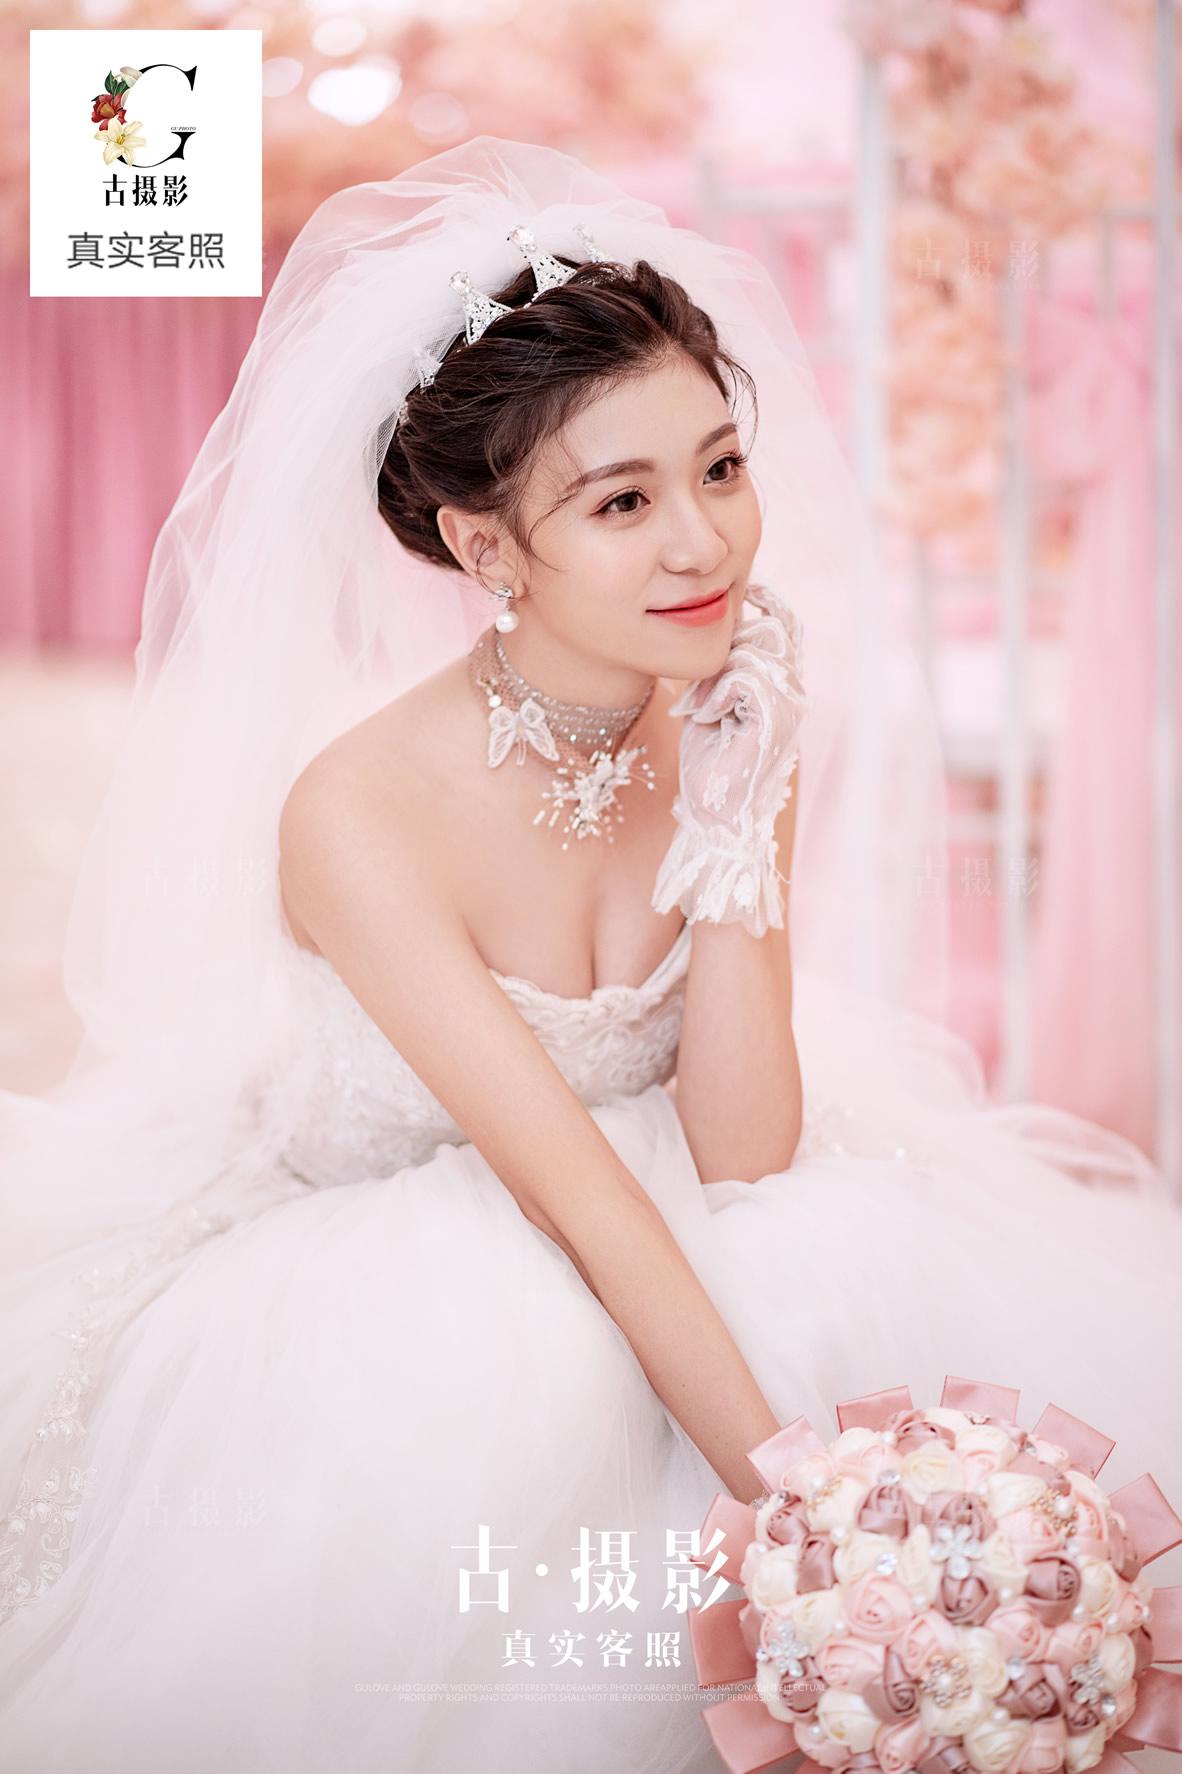 11月8日客片戴先生 屈小姐 - 每日客照 - 广州婚纱摄影-广州古摄影官网